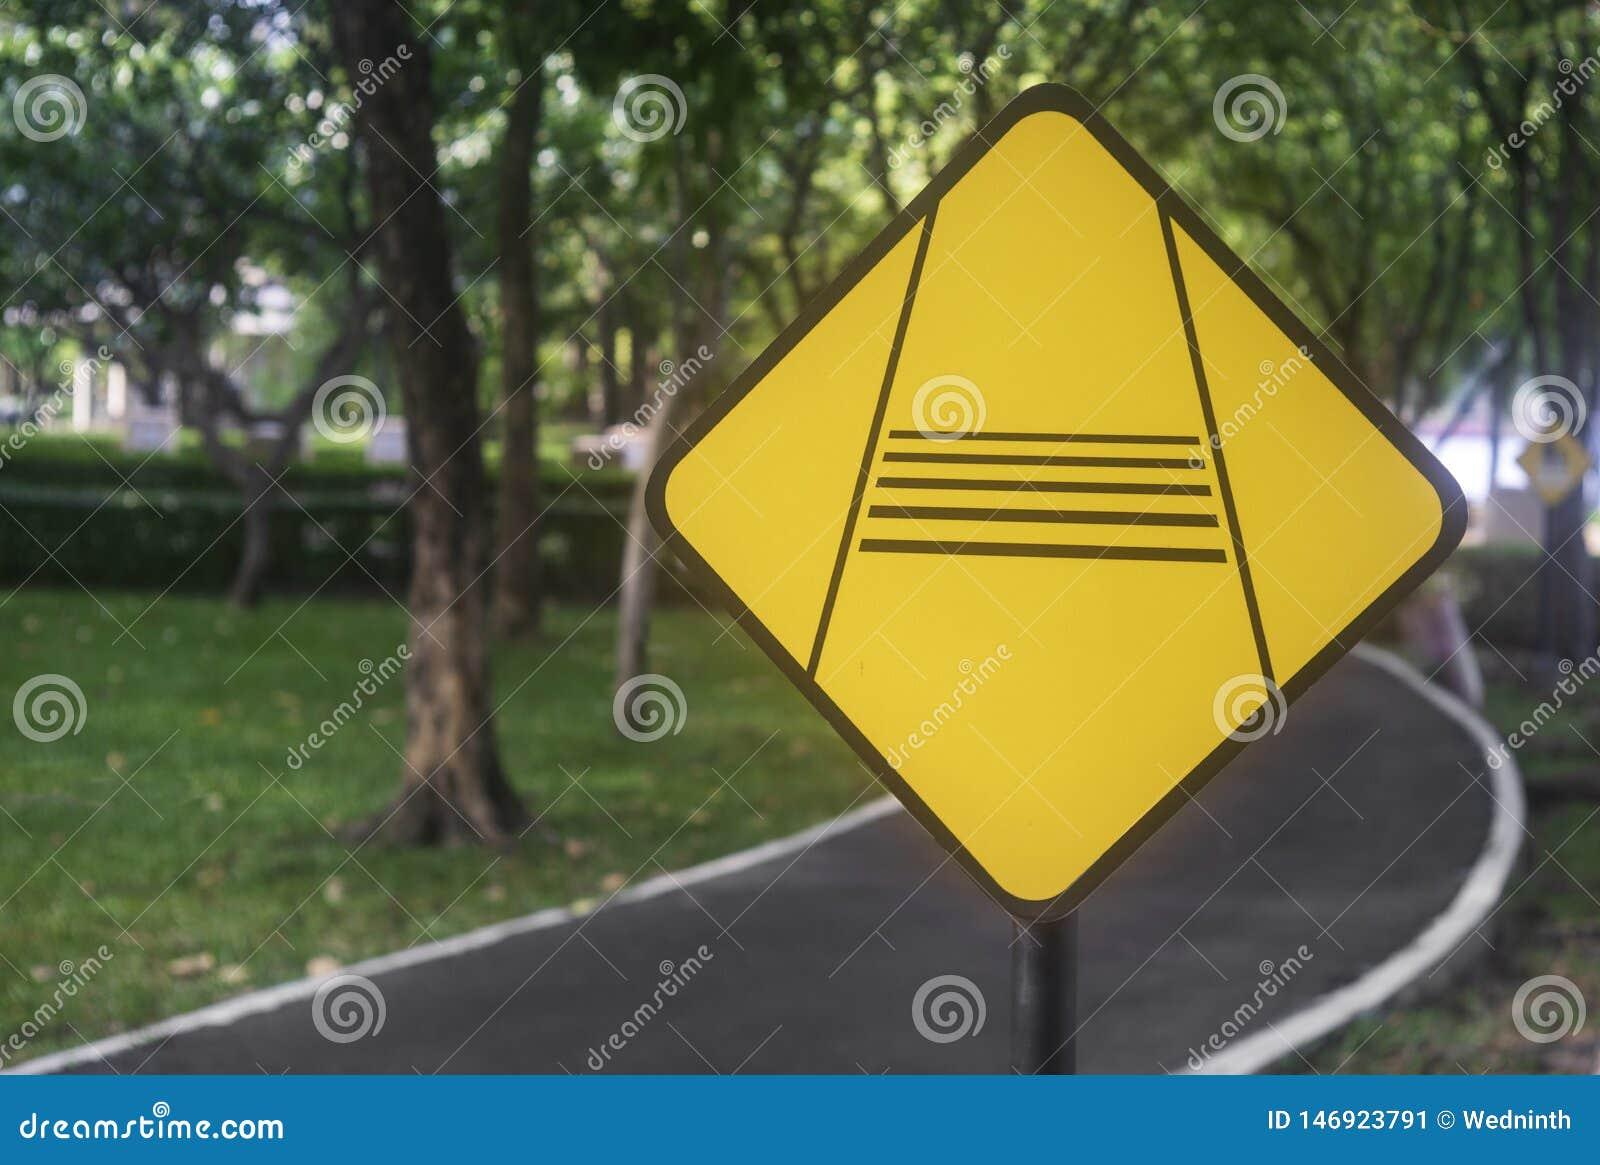 Verkeersteken in het park